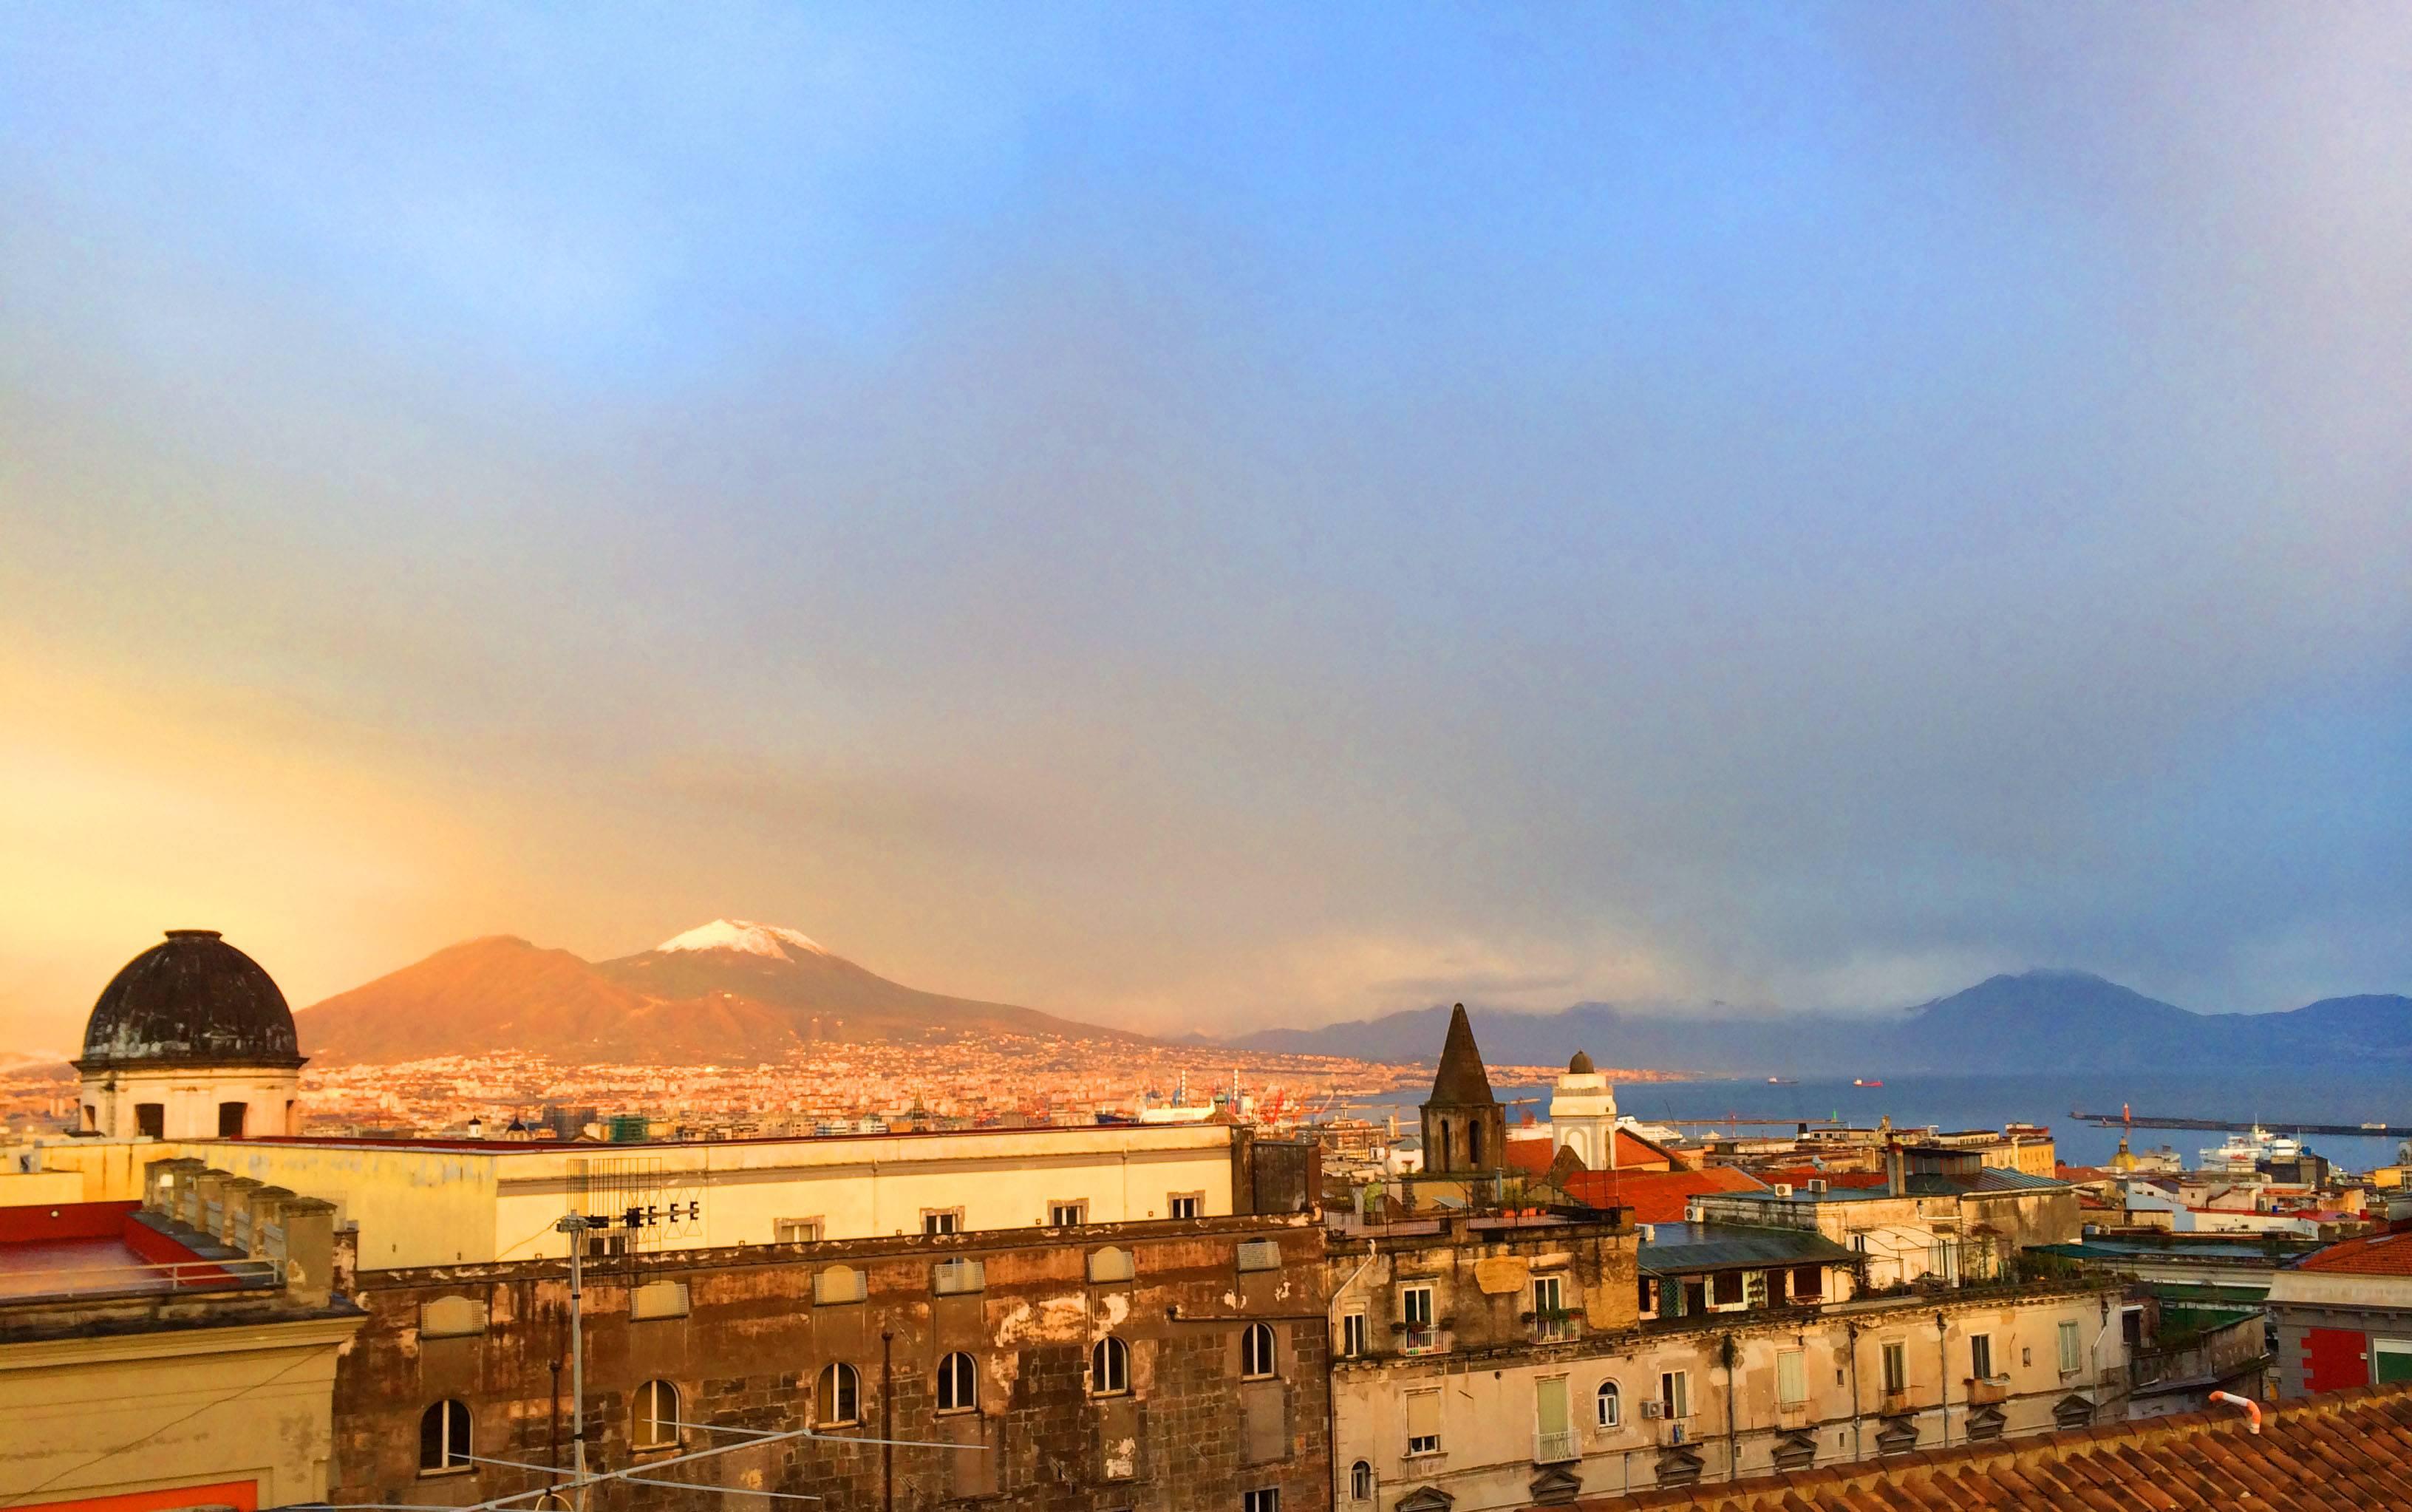 Photo 3: Pompéi - Connaissez-vous Pline le Jeune ? Naples